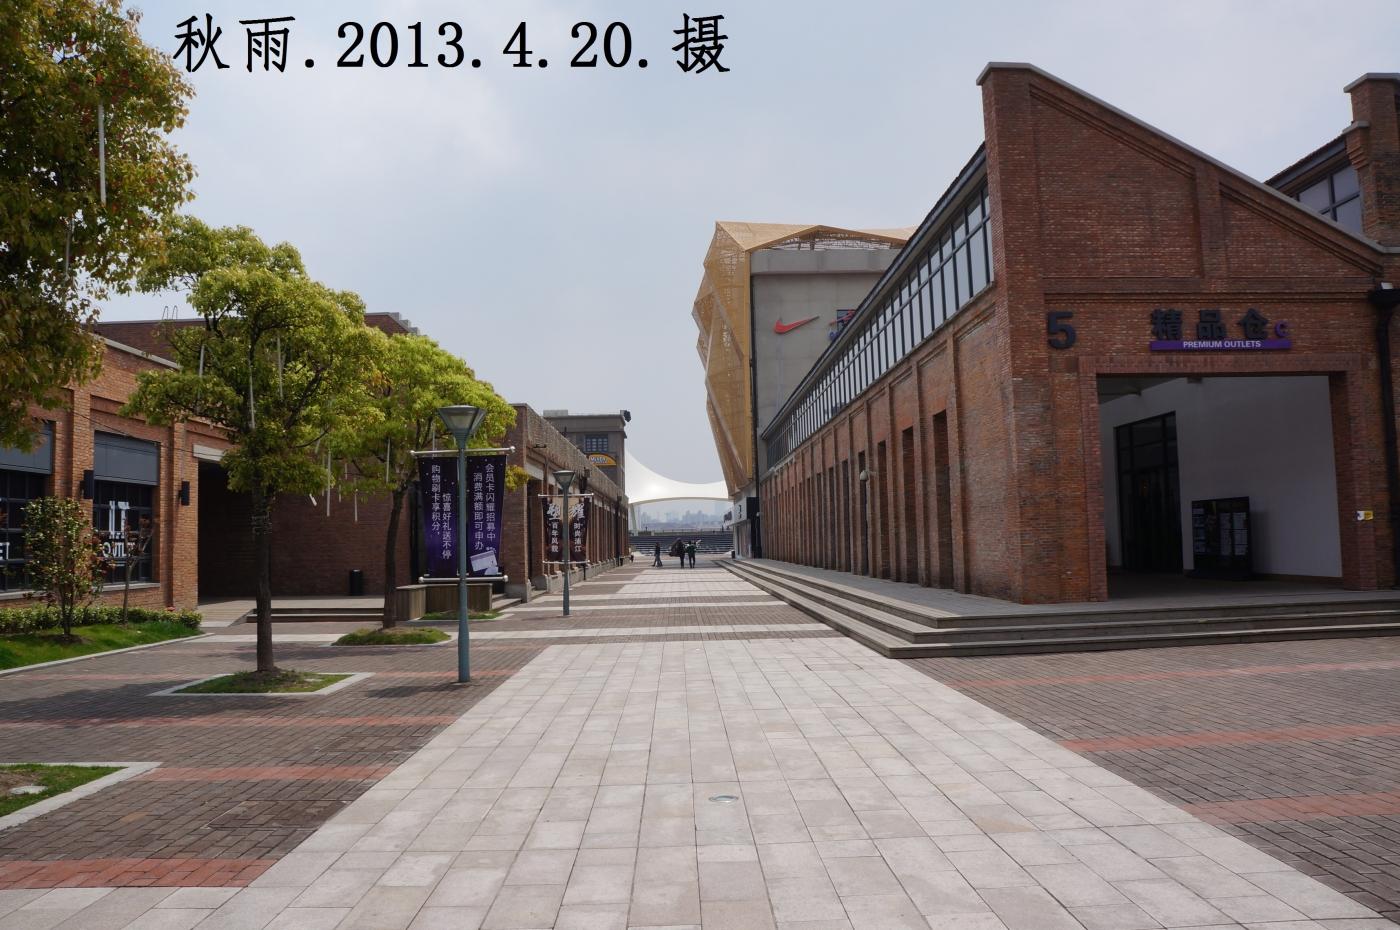 上海国际时尚中心,原国棉十七厂旧址(1),修旧如旧。摄影原创。 ..._图1-3